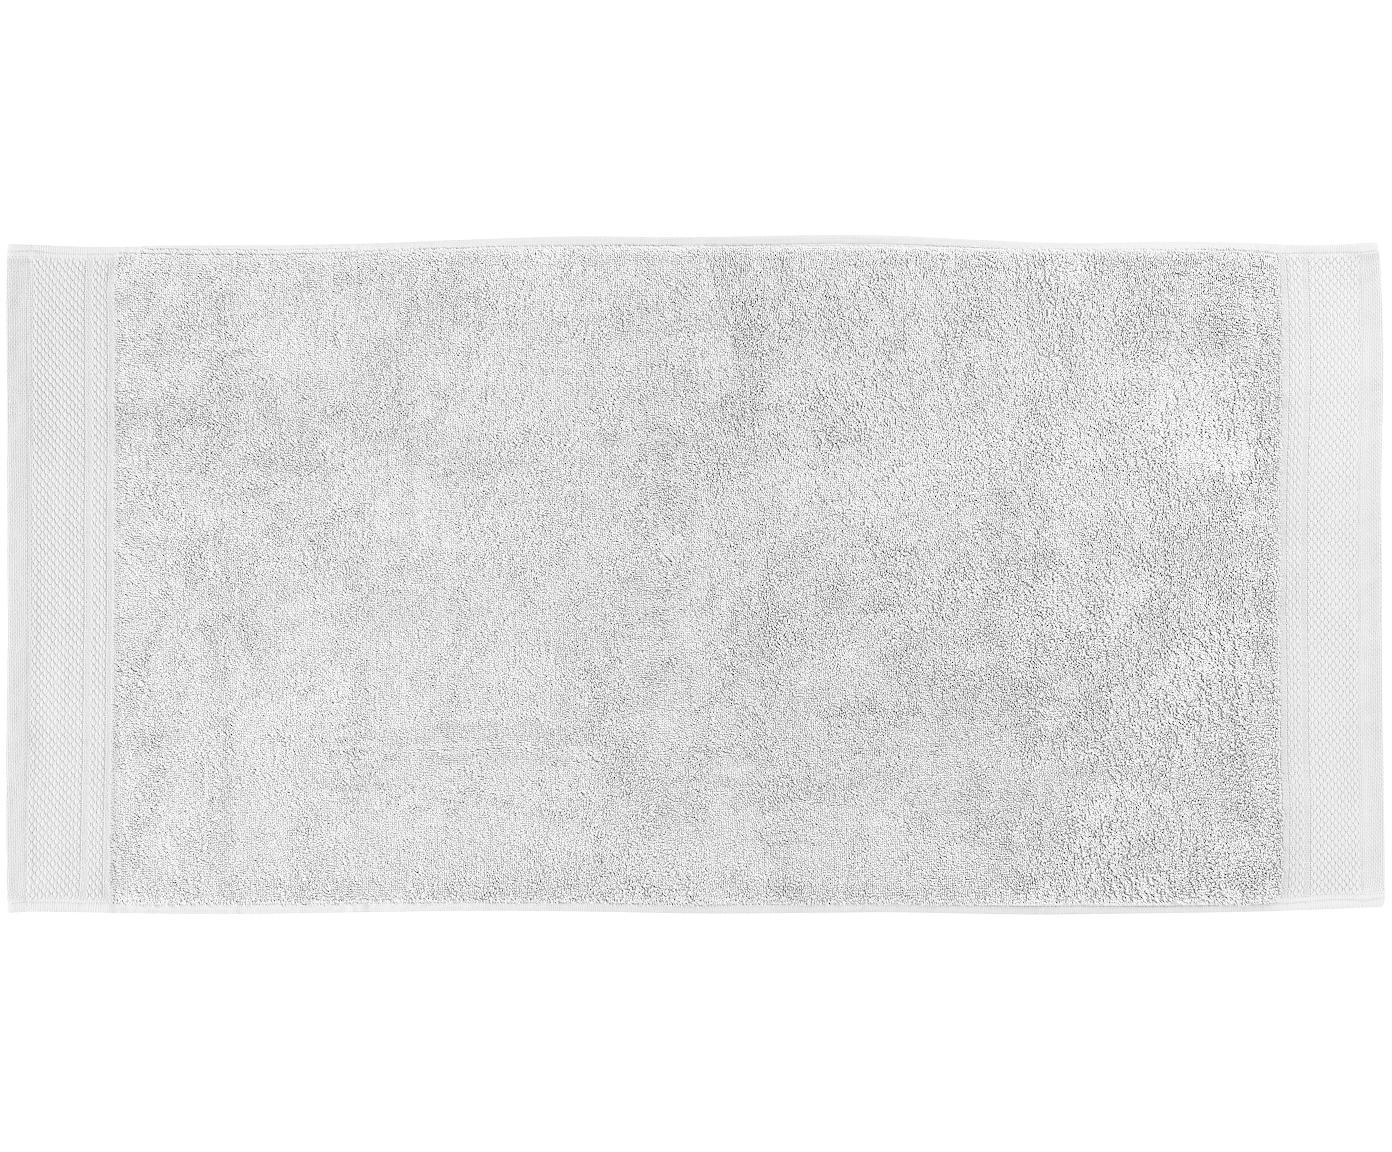 Komplet ręczników Premium, 3 elem., 100% bawełna, Wysoka gramatura 600 g/m², Jasny szary, Różne rozmiary